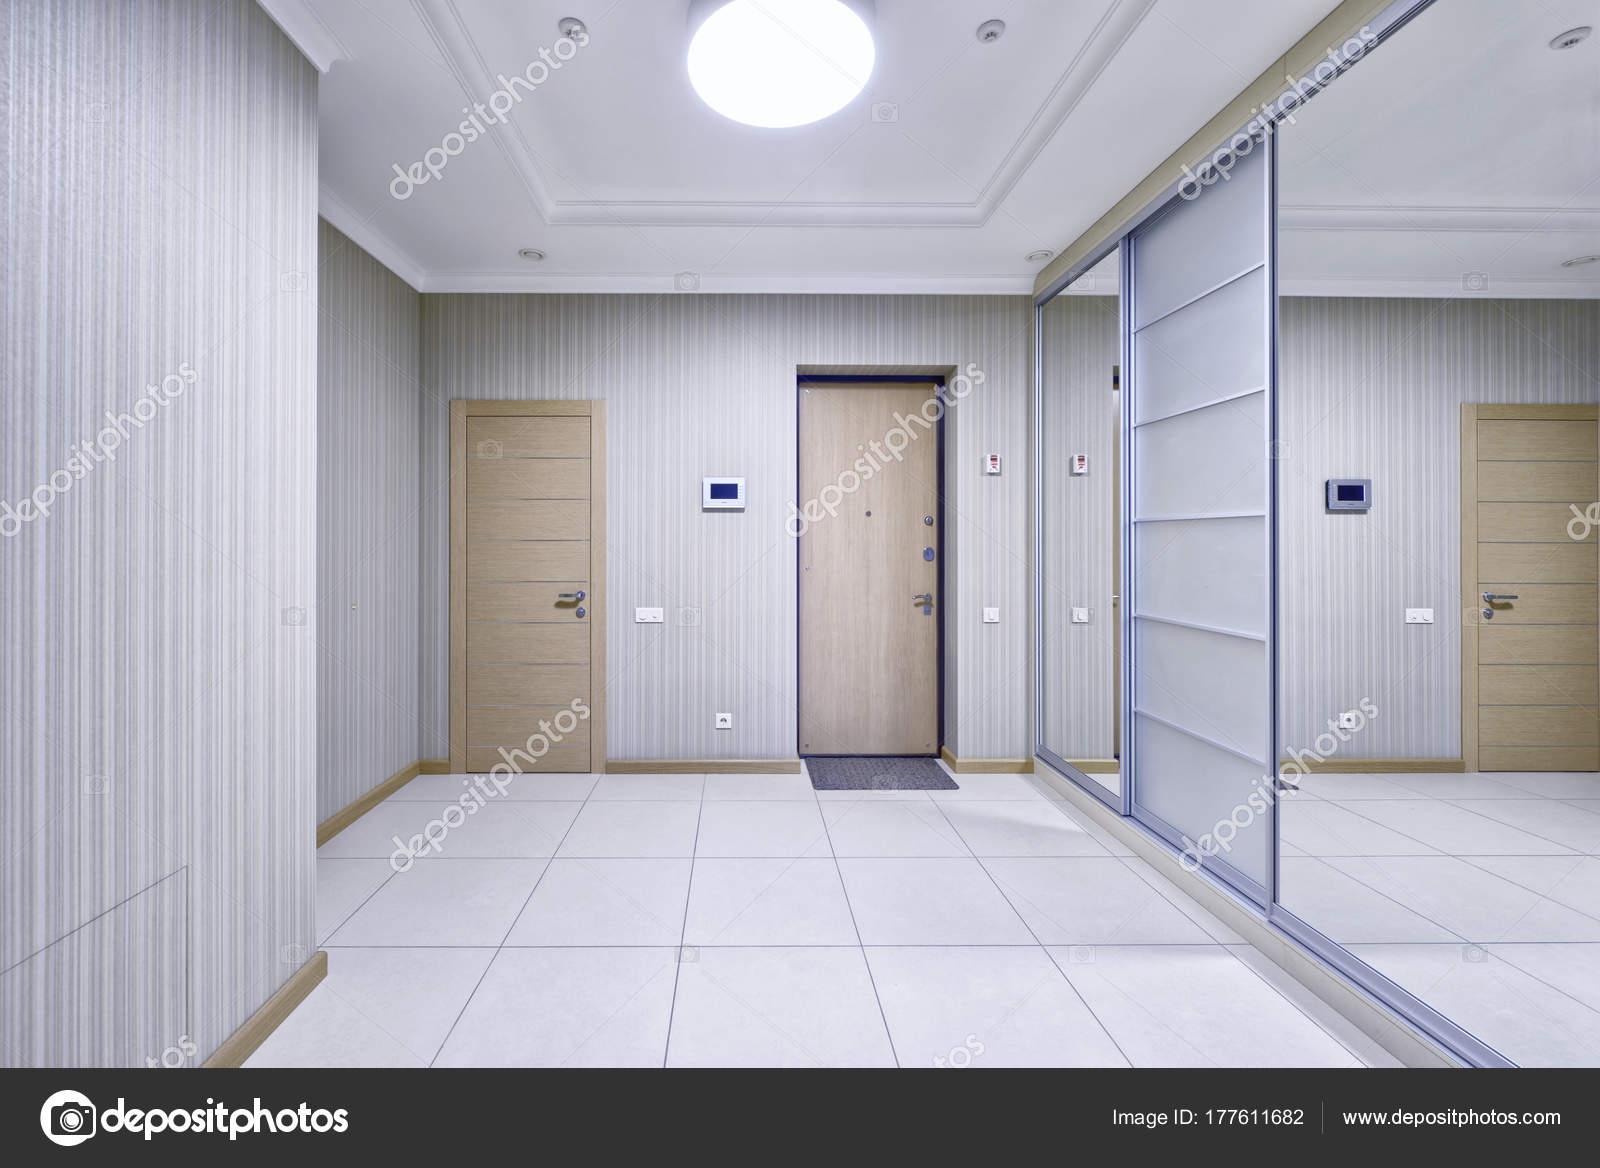 Innenarchitektur Halle russland moskau die innenarchitektur der halle eine neue wohnung